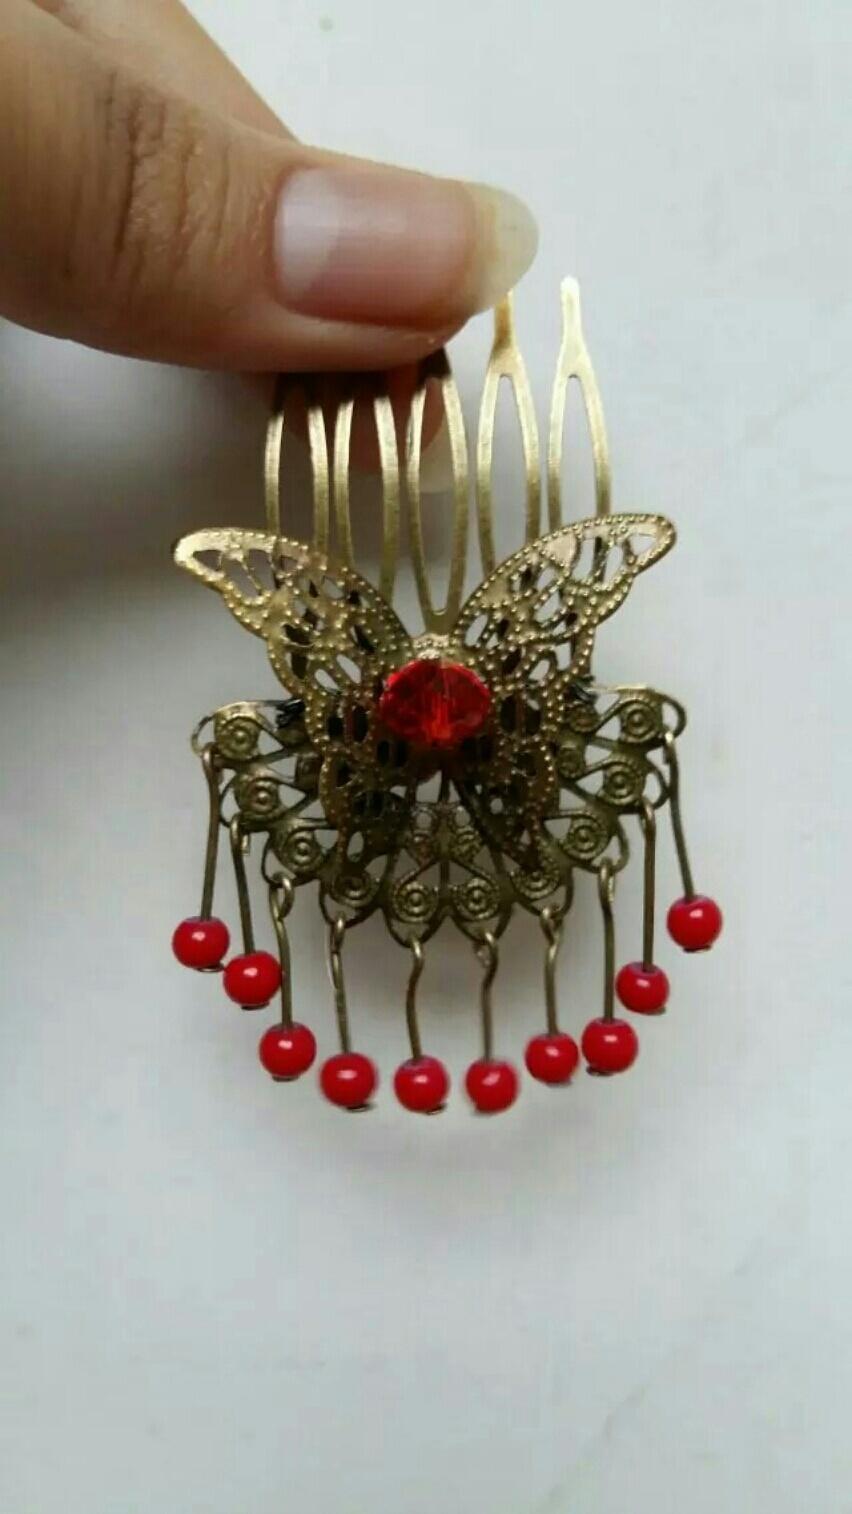 纯手工制作,铜丝缠绕后加胶定固